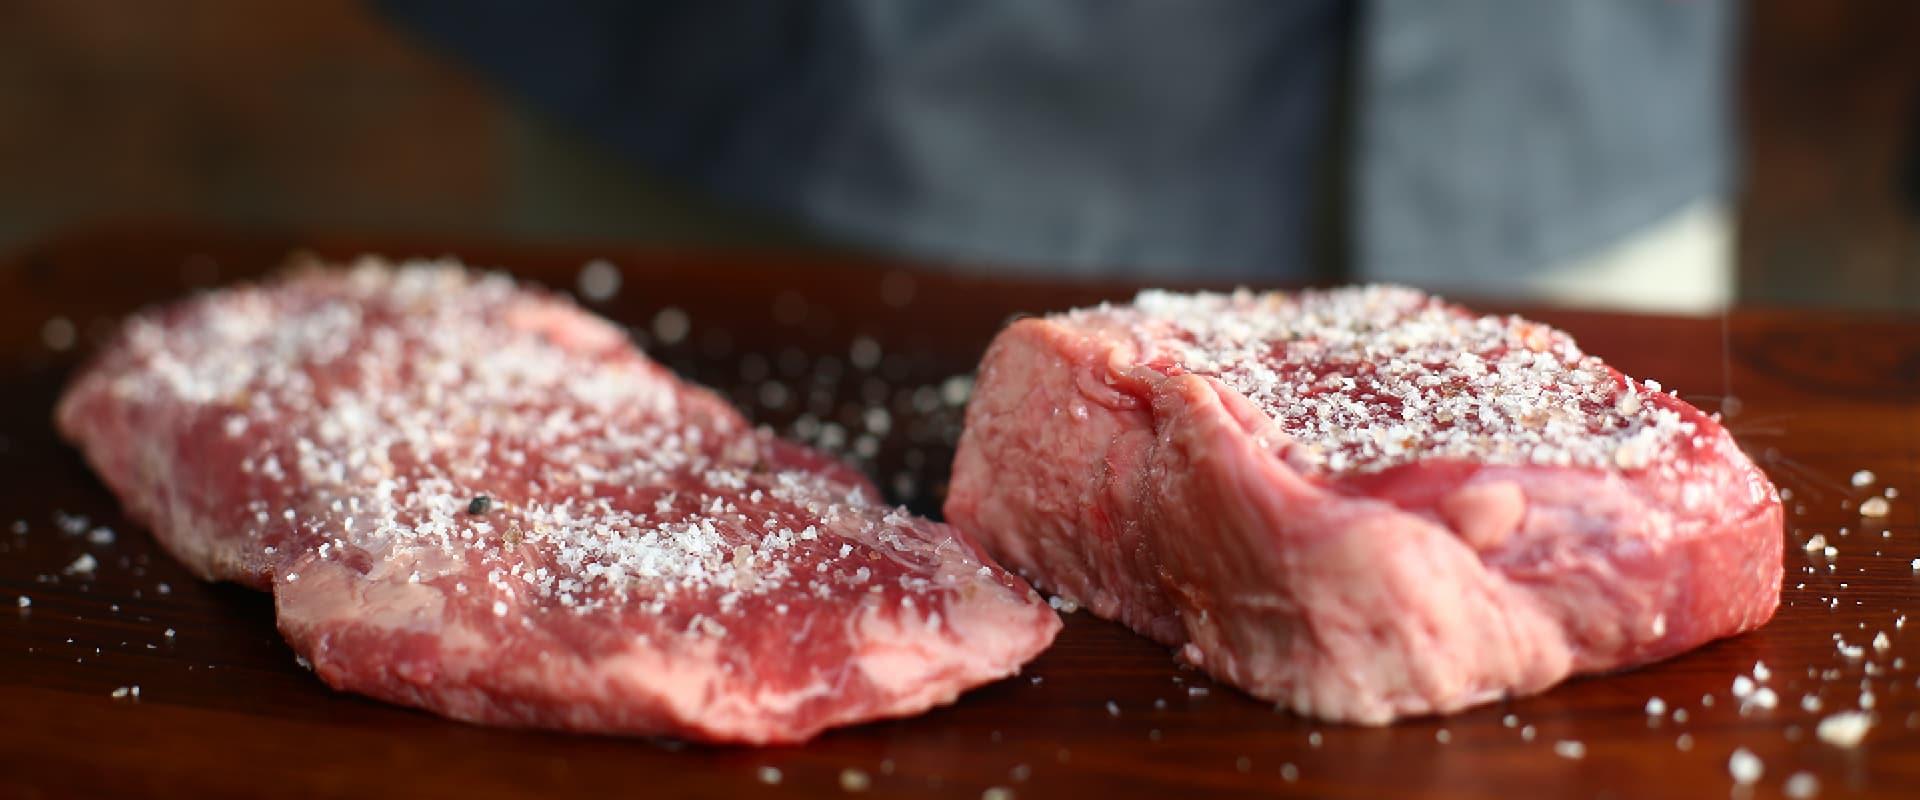 Aufgeklärt: Wie viel Salz soll auf ein Steak?